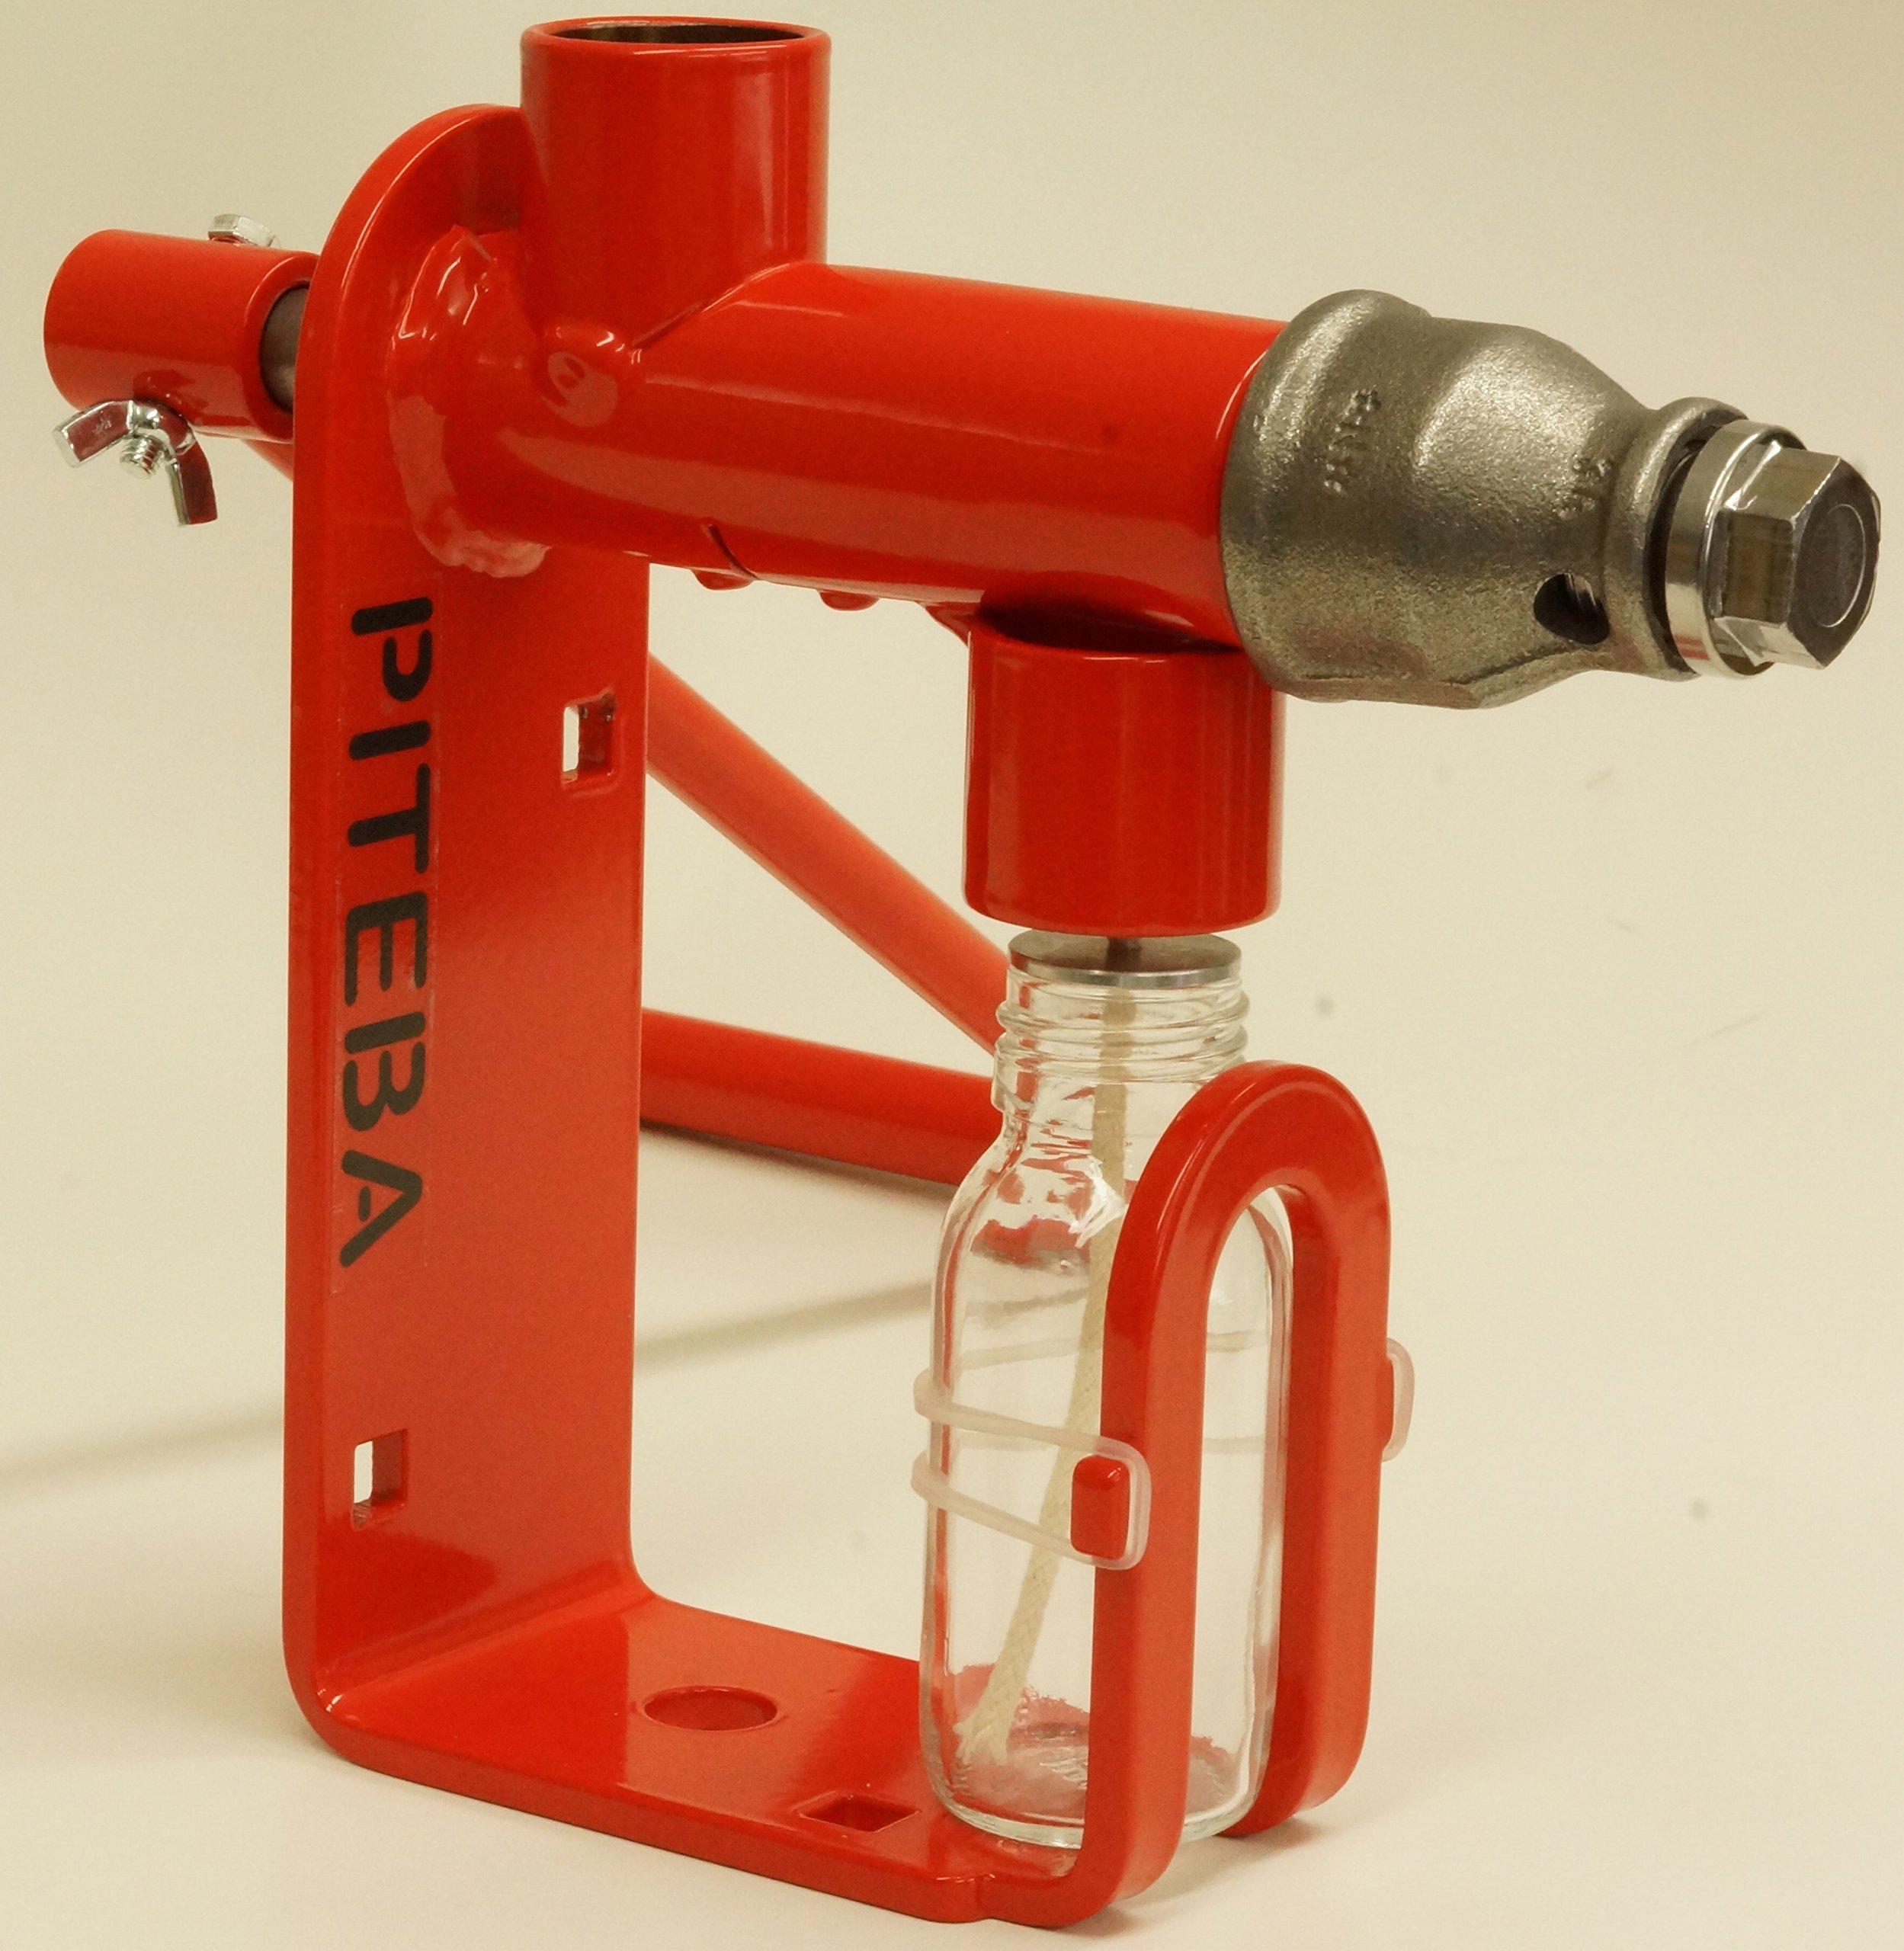 Piteba Nut and Seed Oil Expeller Oil press by Piteba